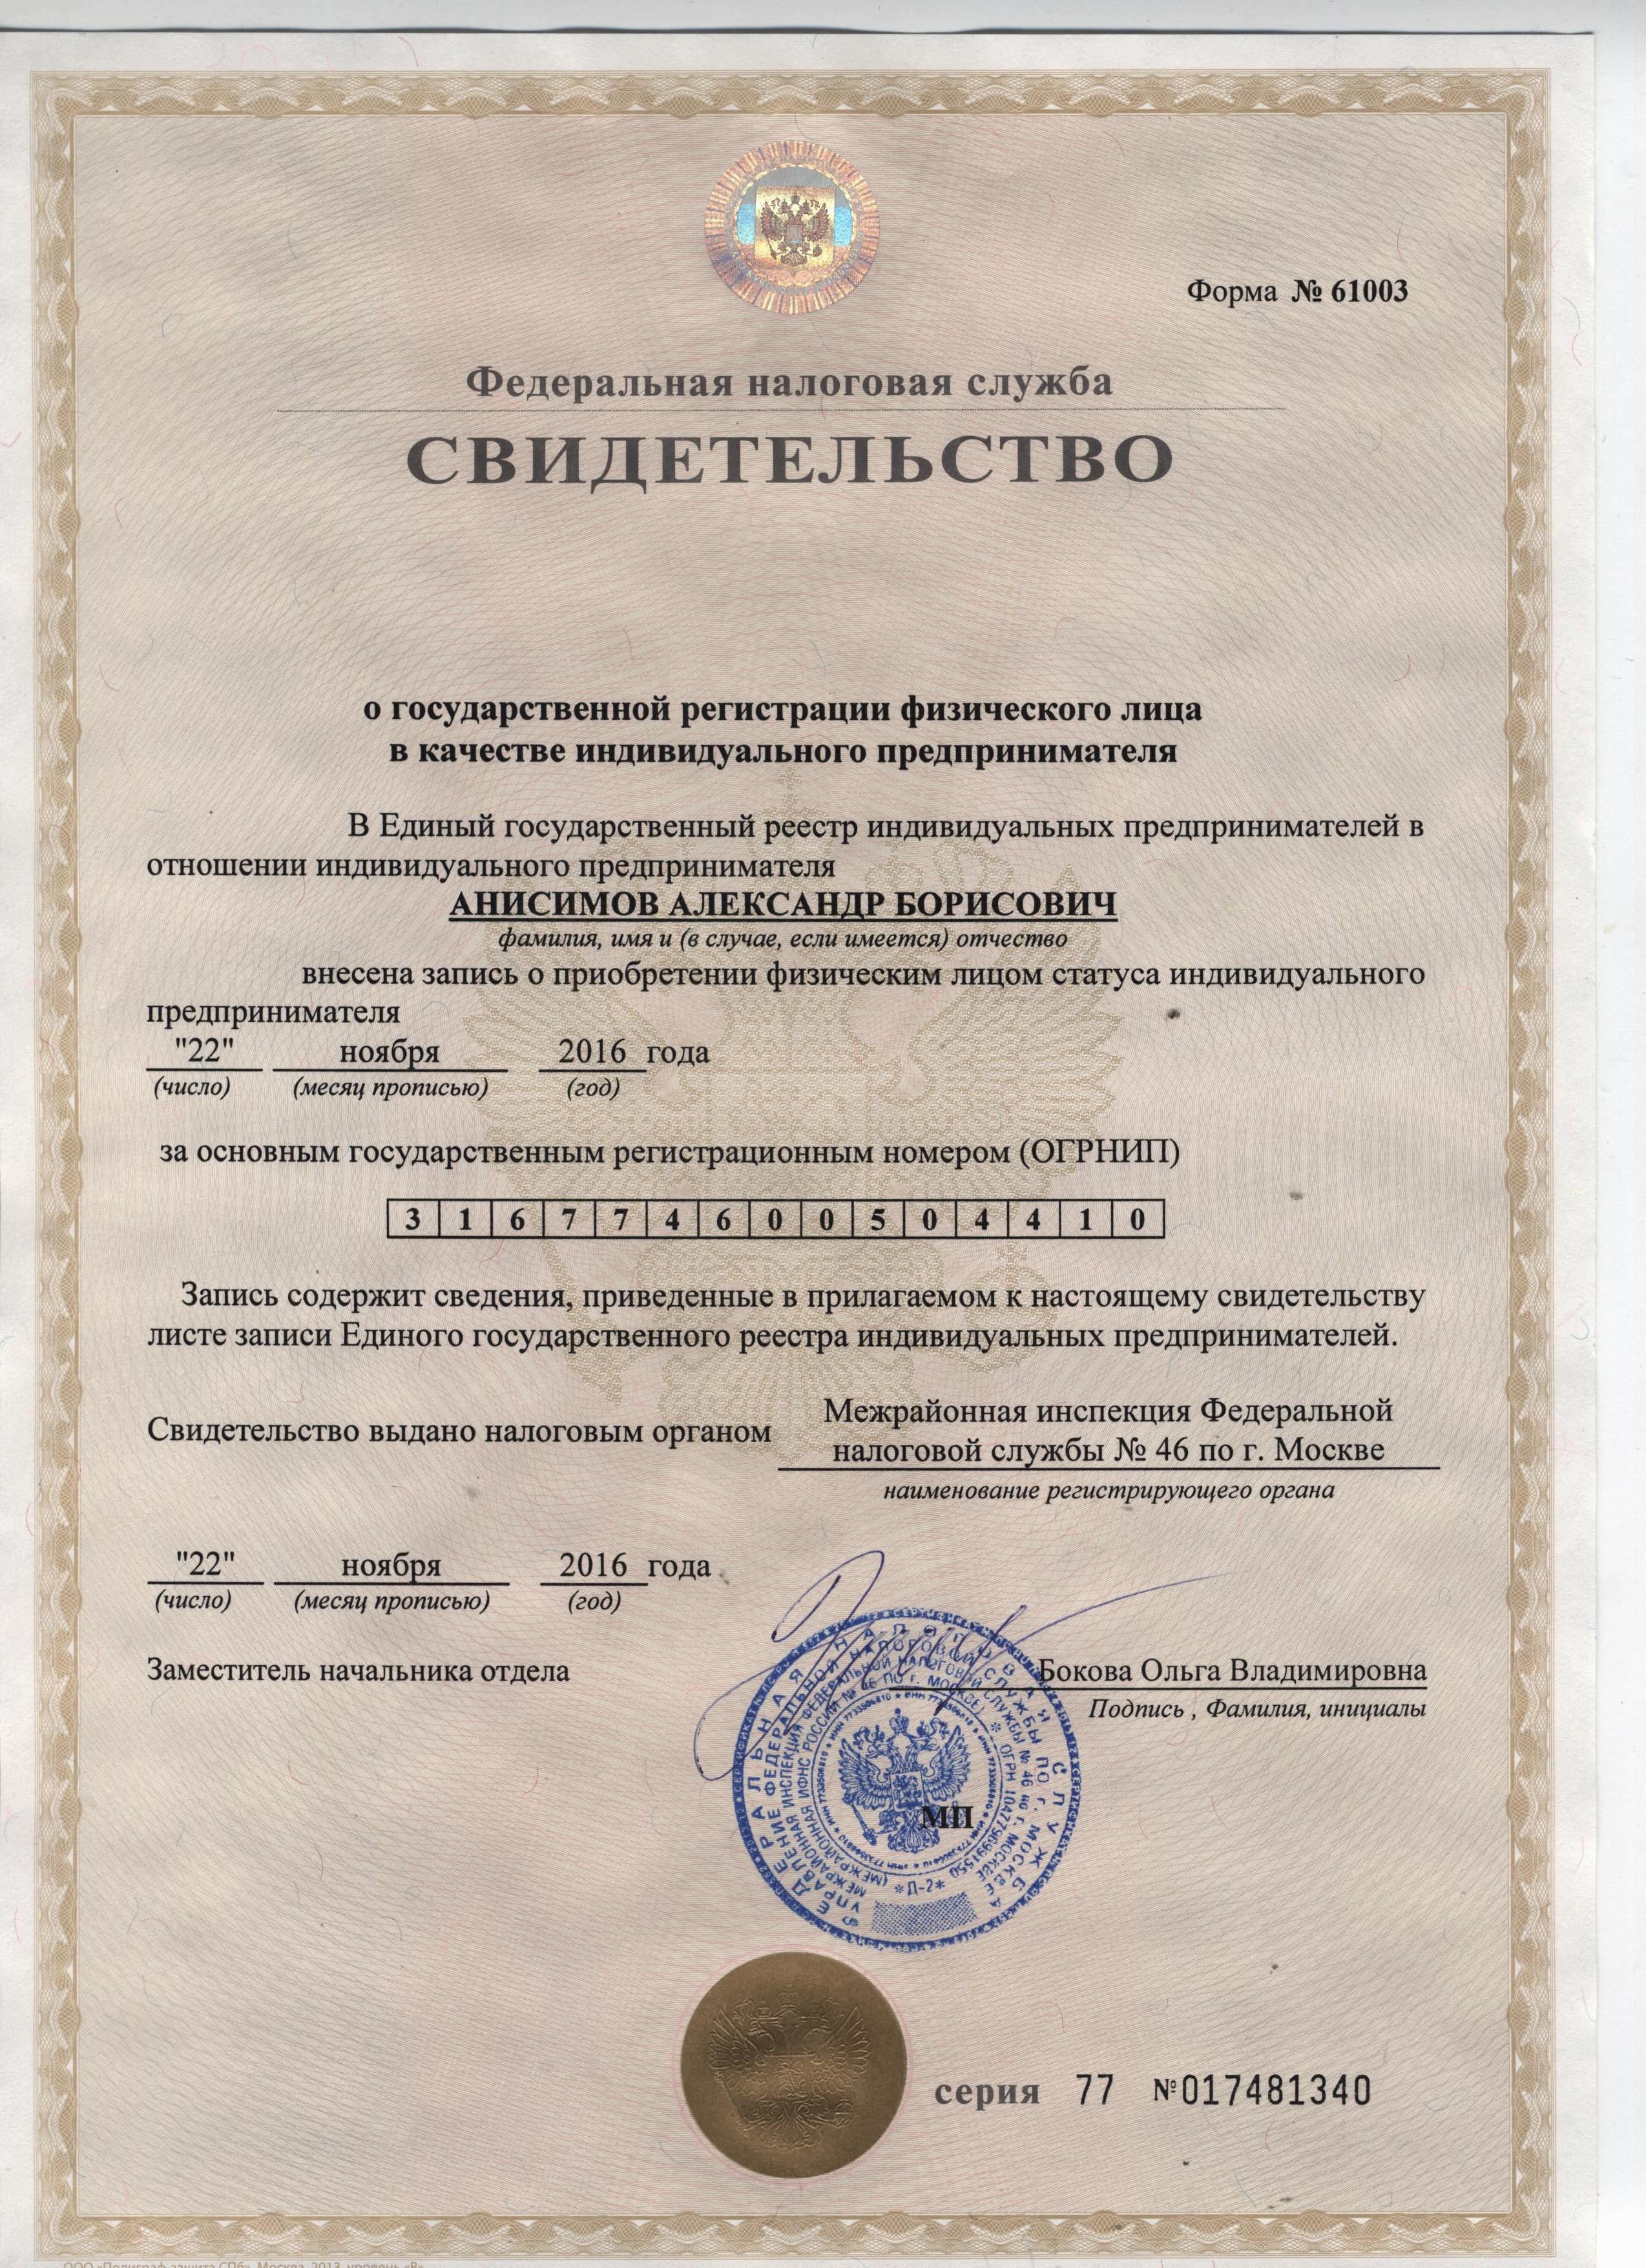 Благодарности ll tour Наши дипломы сертификаты благодарности юридические документы